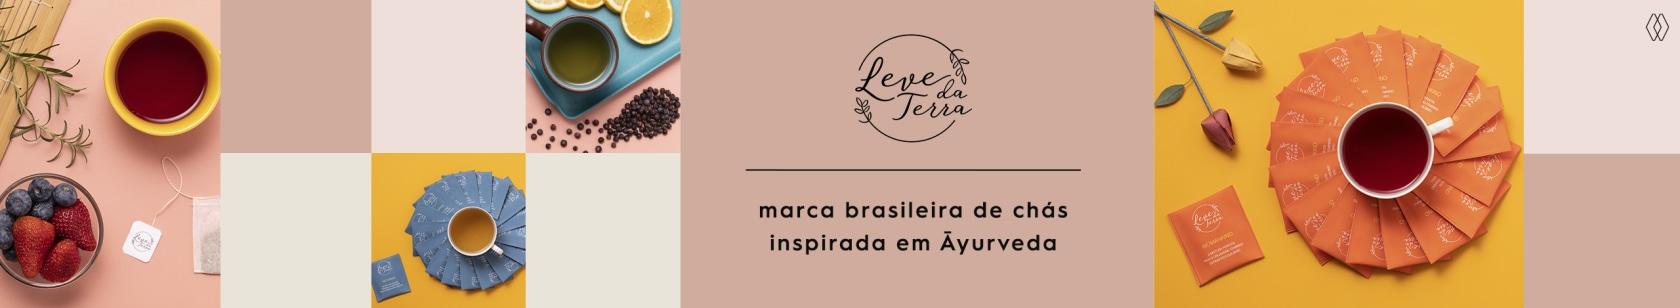 LEVE DA TERRA | AMARO